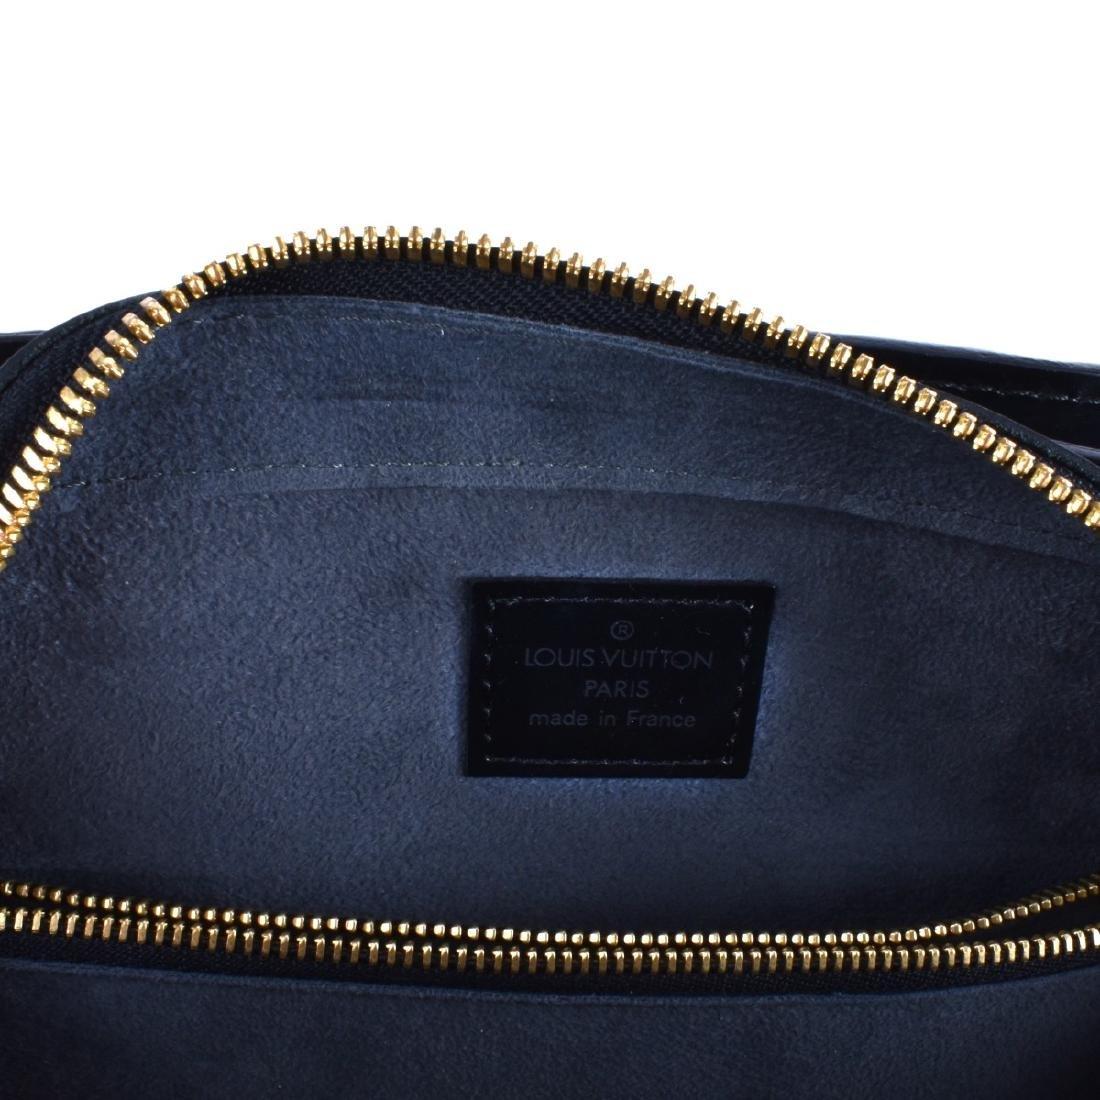 Louis Vuitton Black Epi Leather Pont-Neuf Handbag - 5